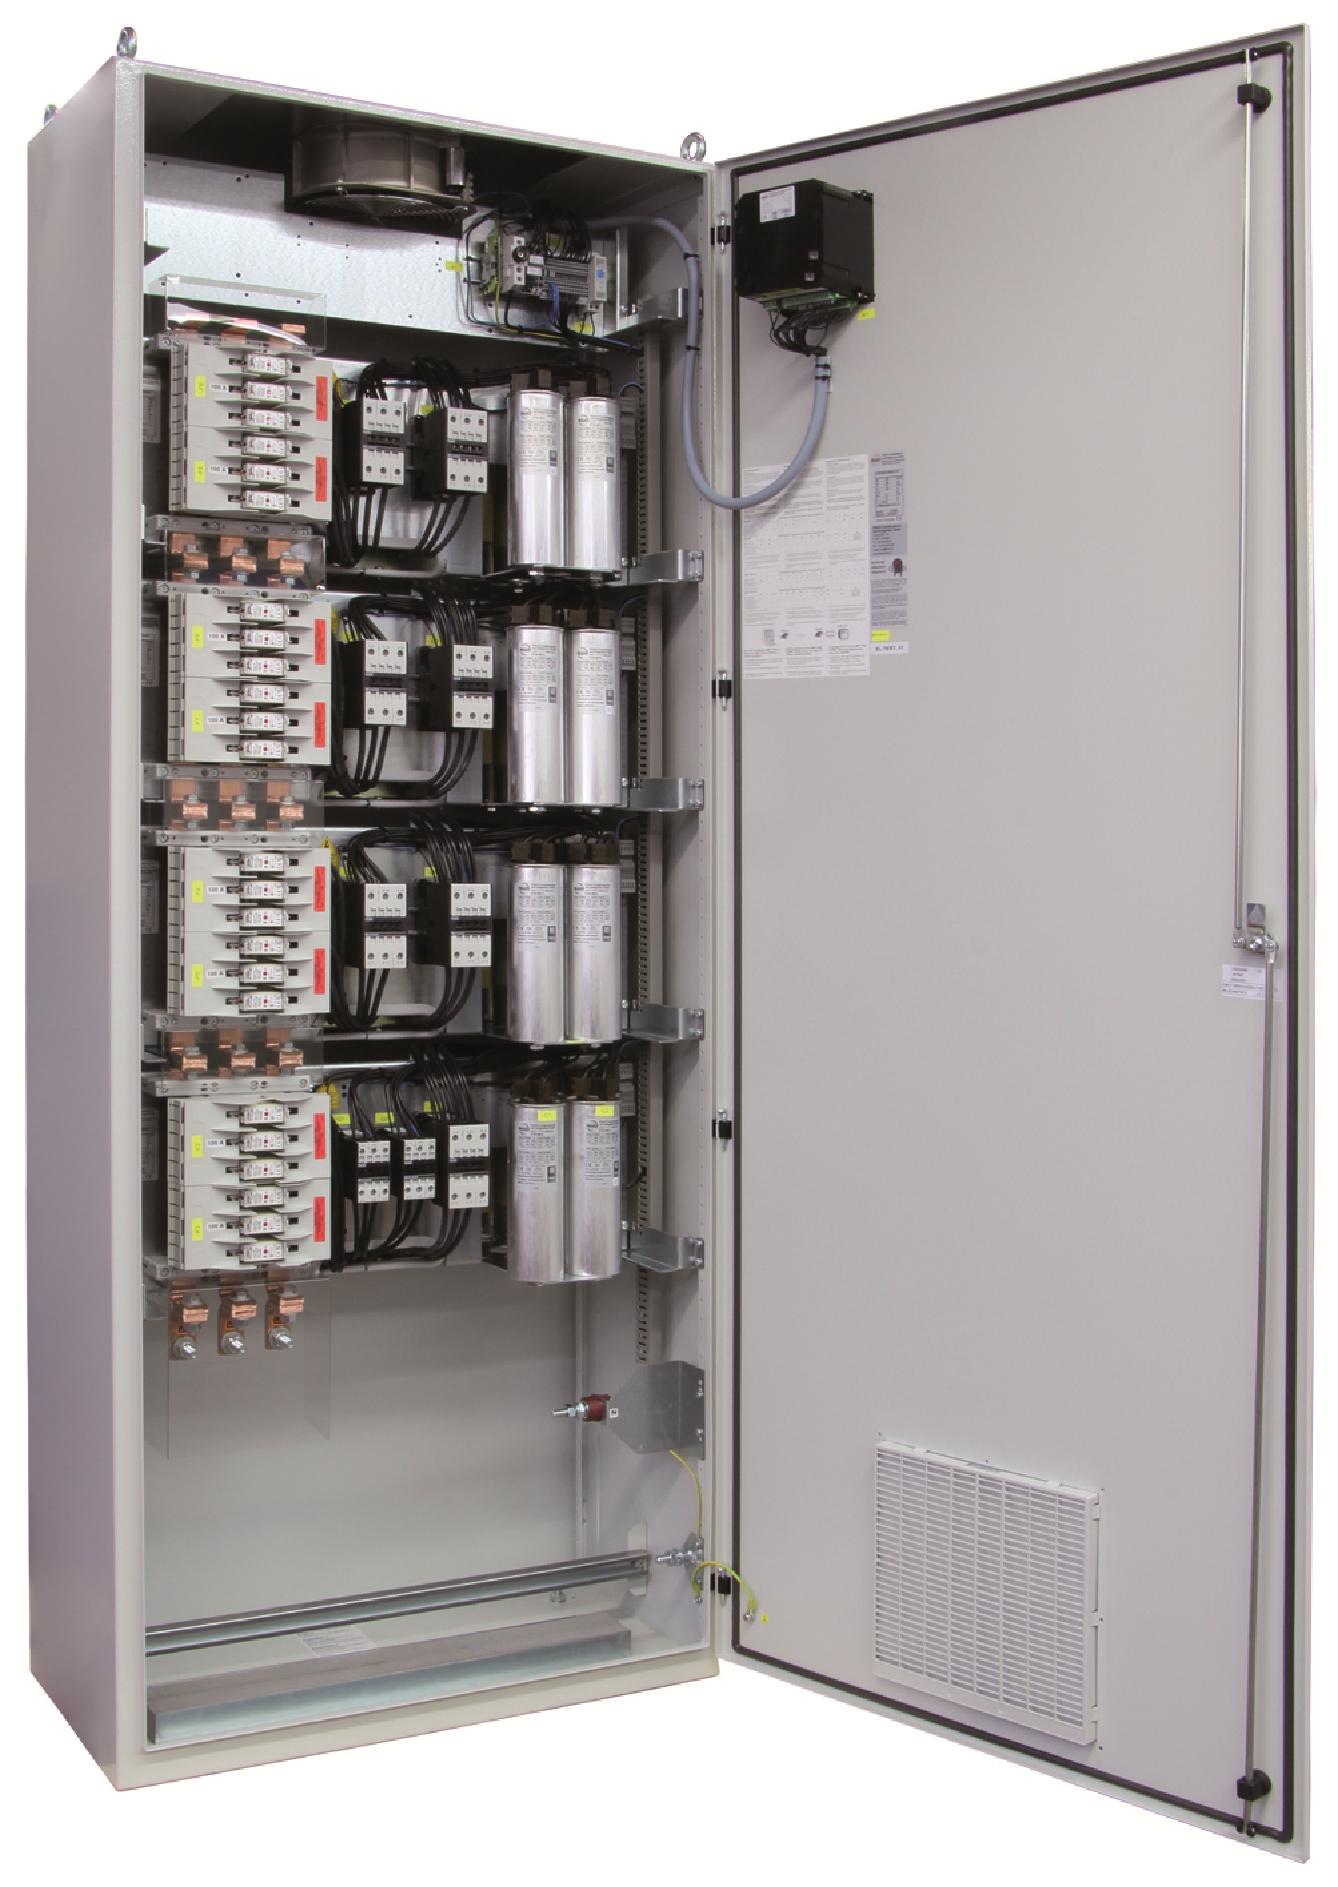 1 Stk Kompensation LSFC 14% 175/25kvar 600x2000x600mm FR3422627-